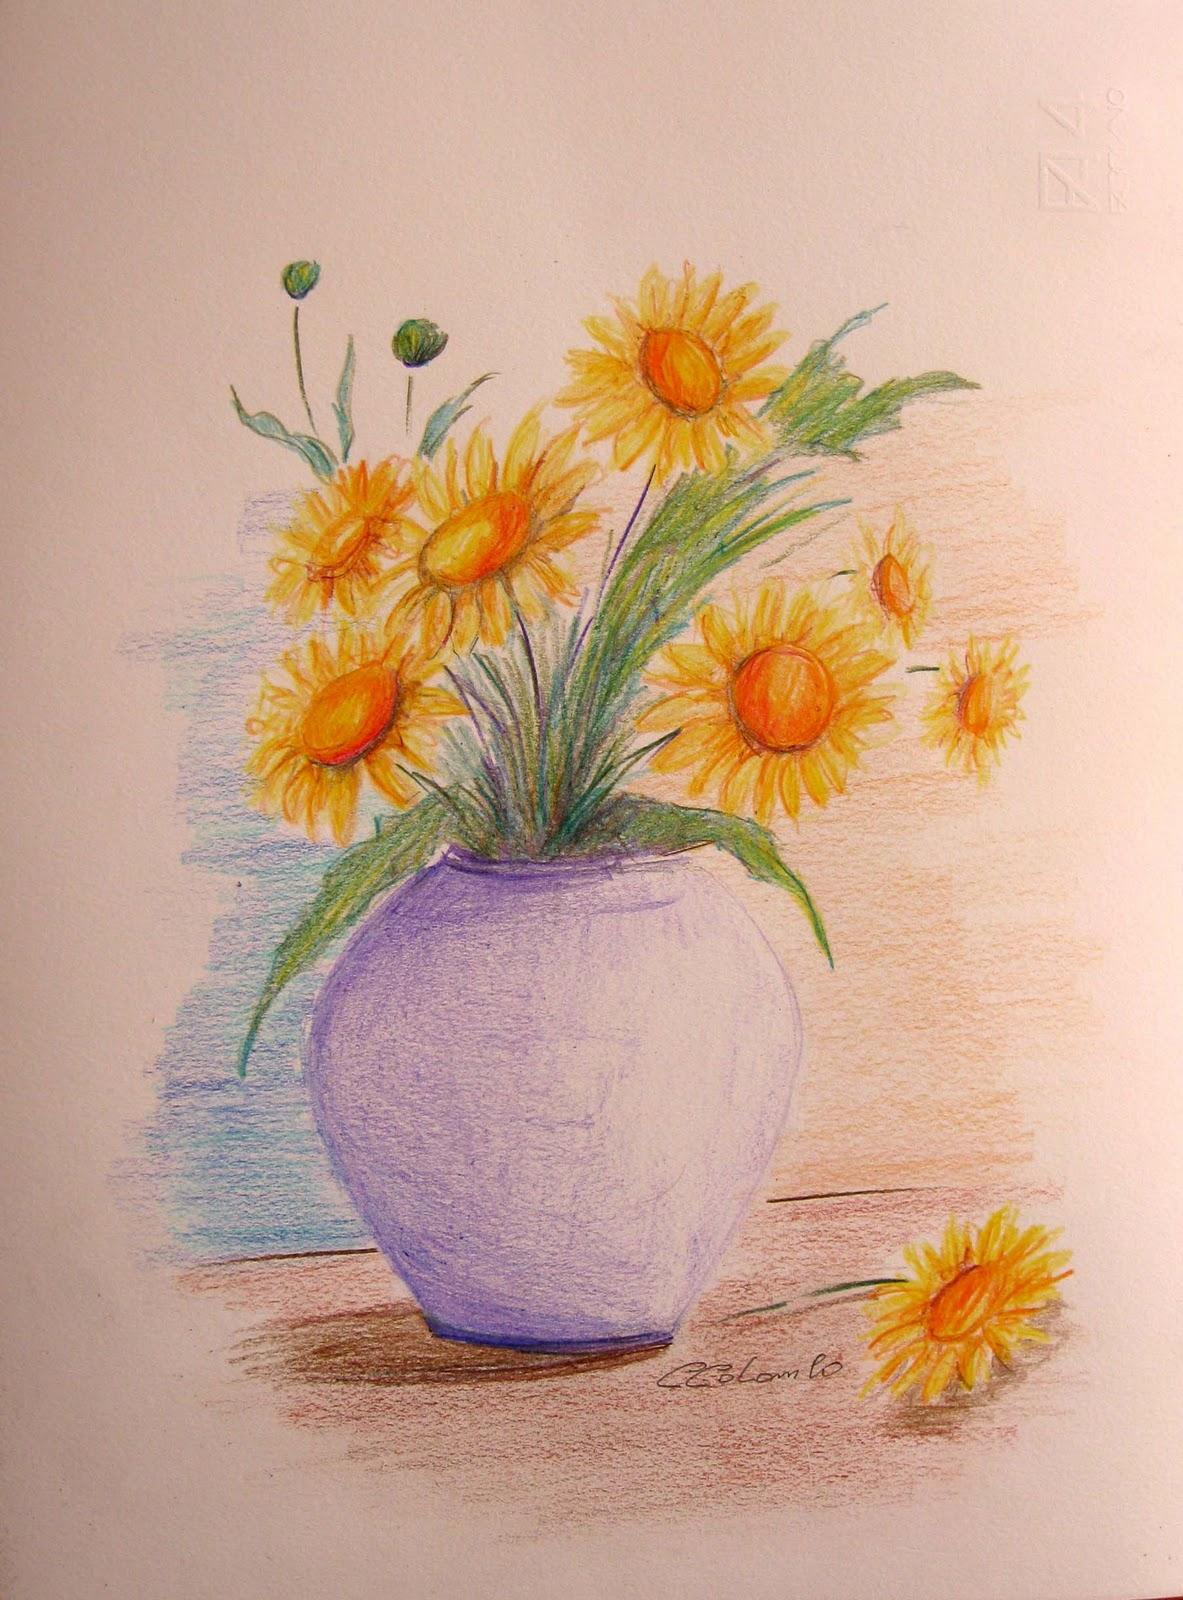 Artecarlacolombo acquerelli e matite colorate studi vari for Disegni di fiori a matita